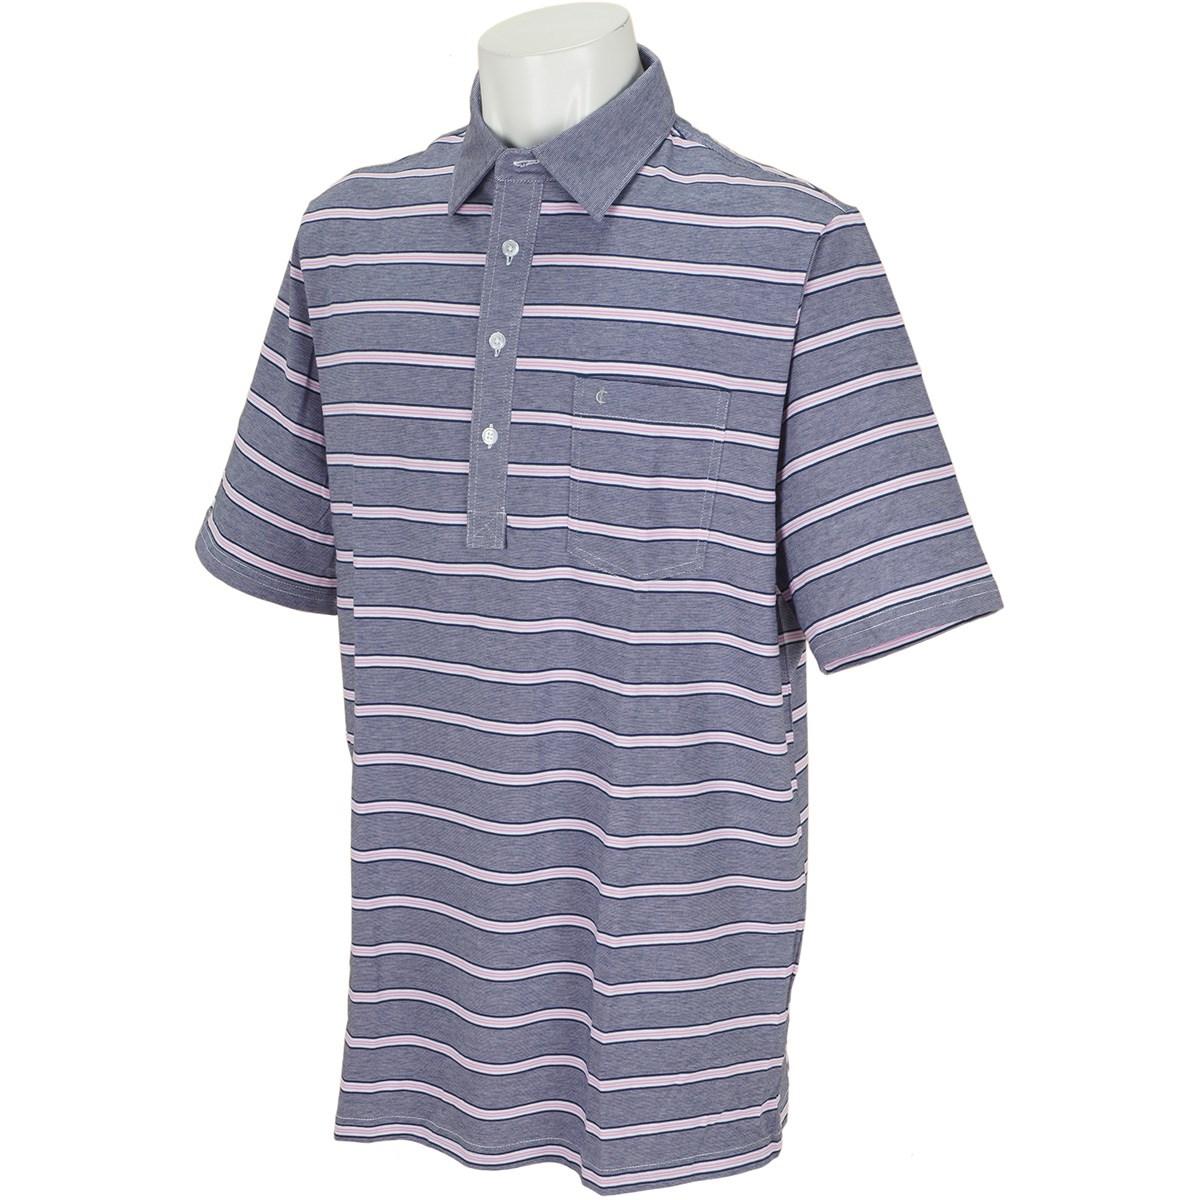 クリケット クラシックレンジ 半袖ポロシャツ